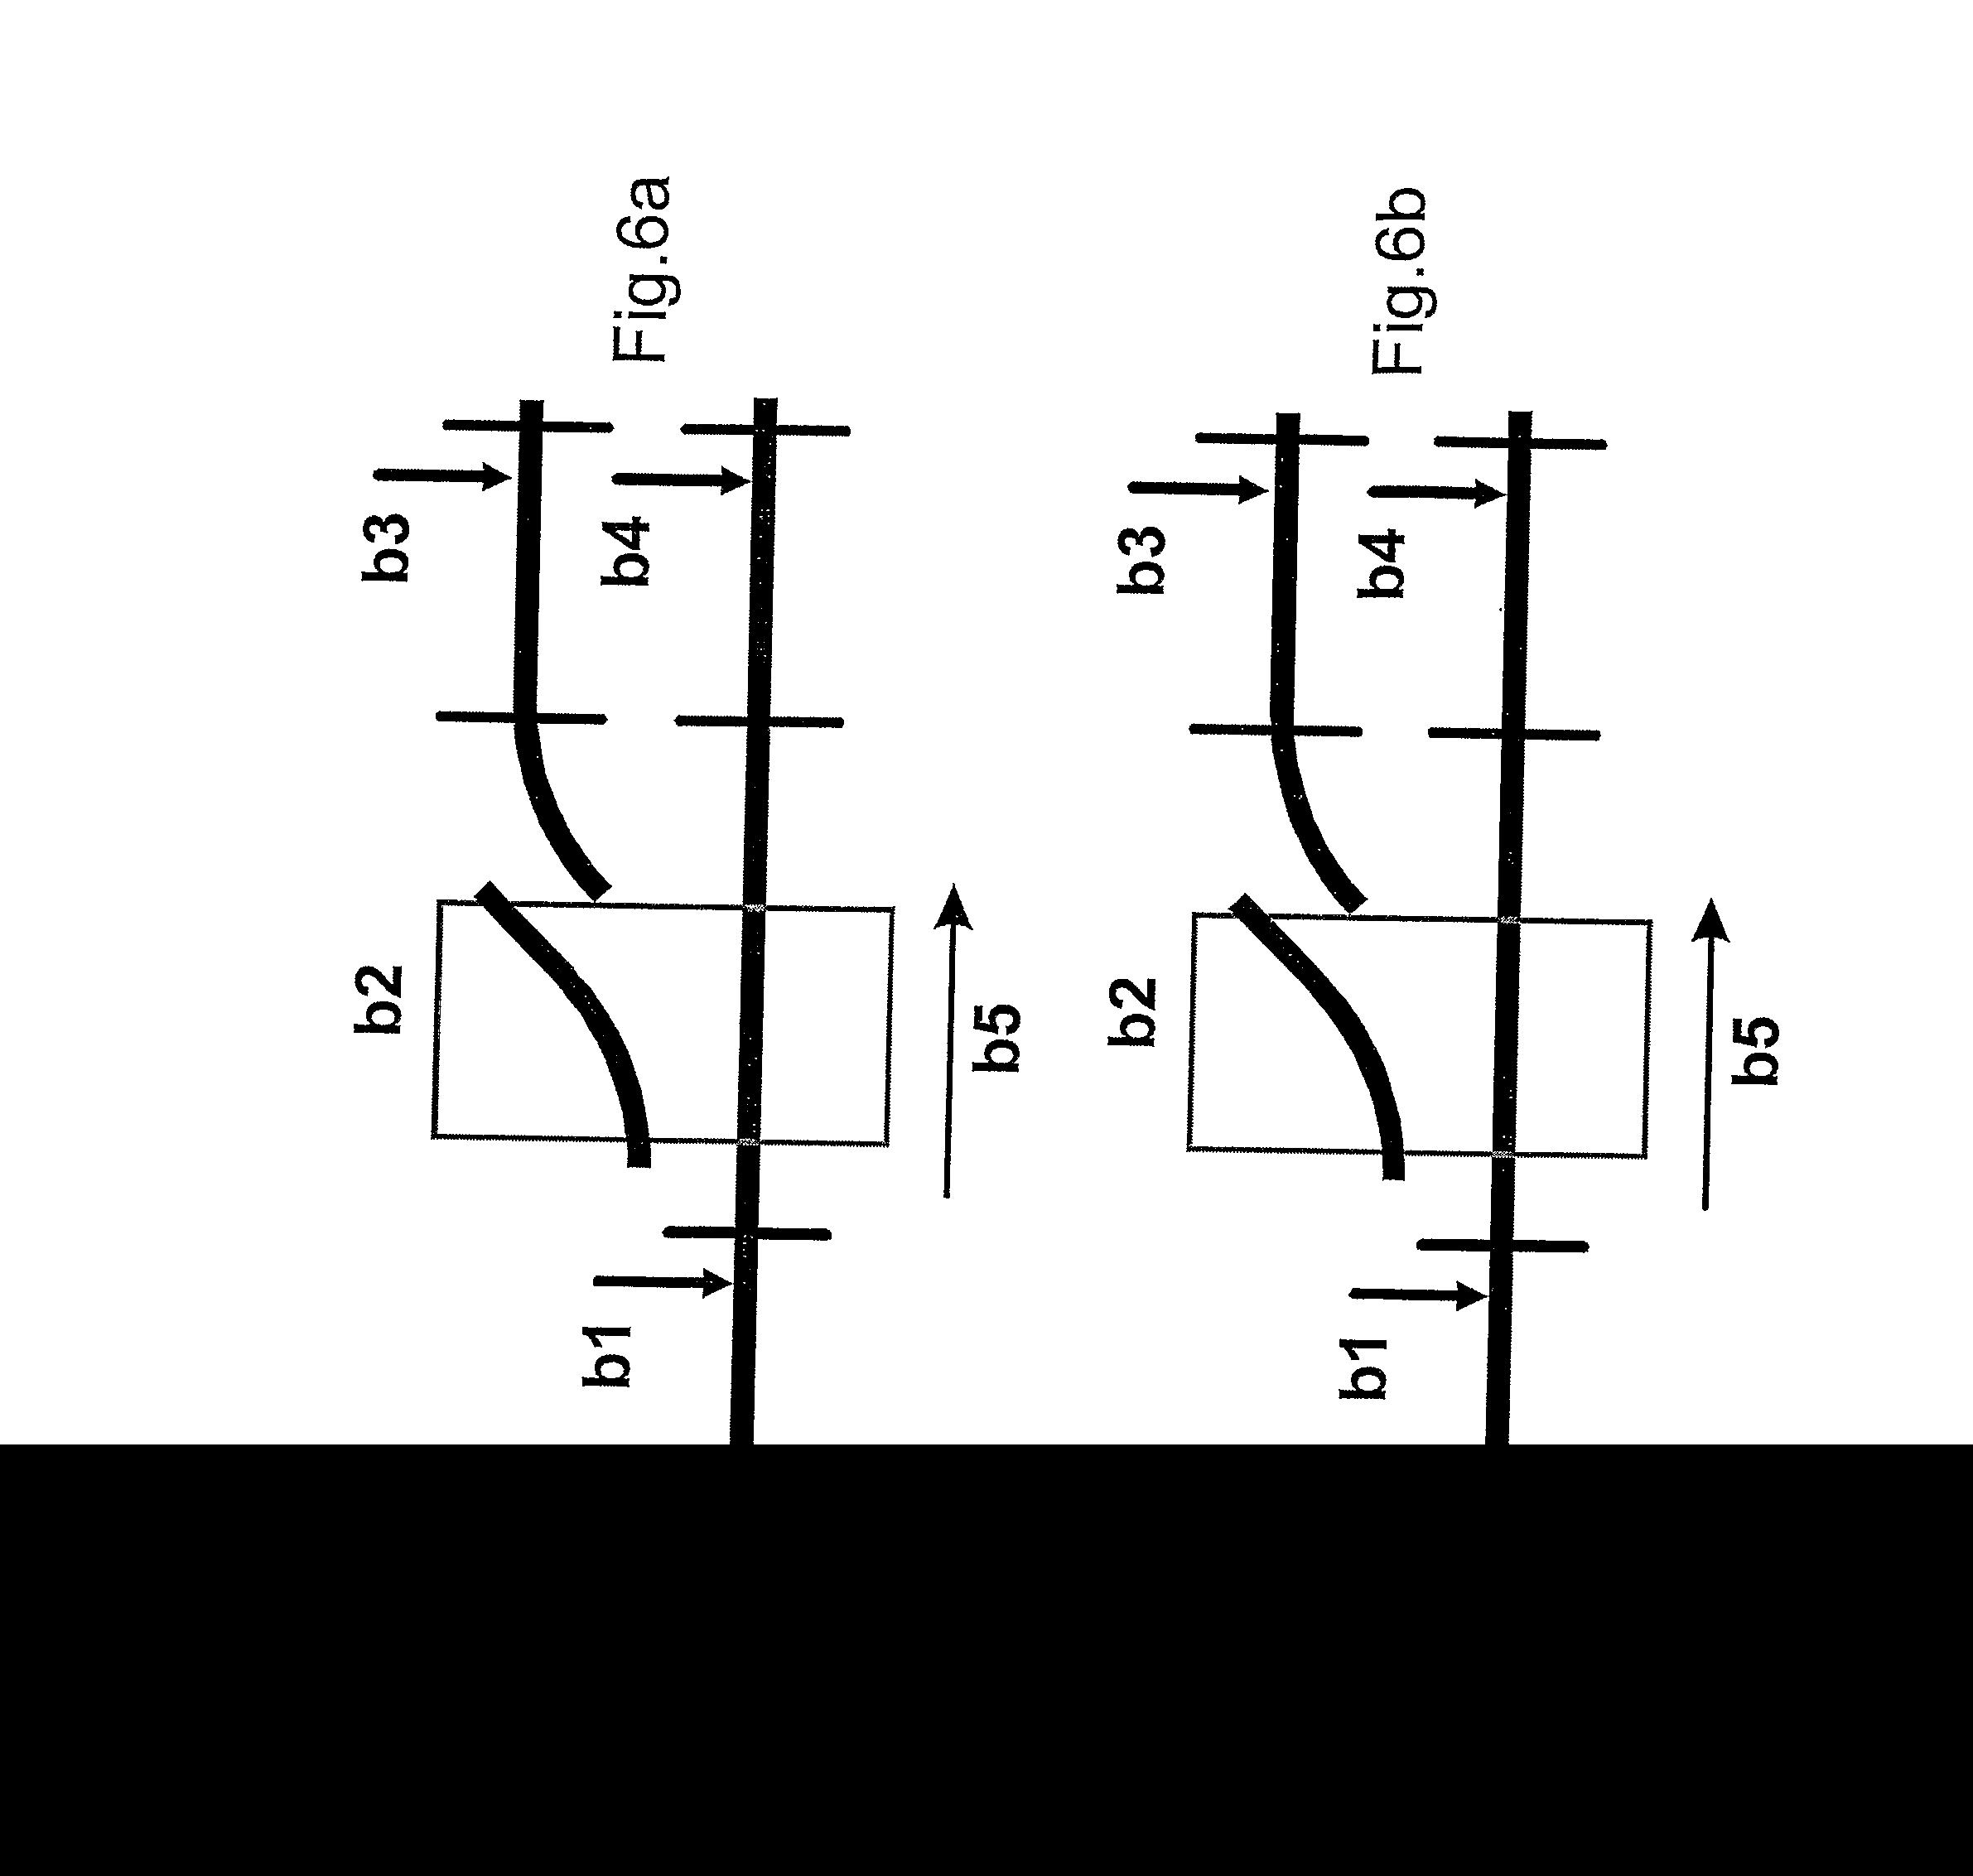 patent us20140350770